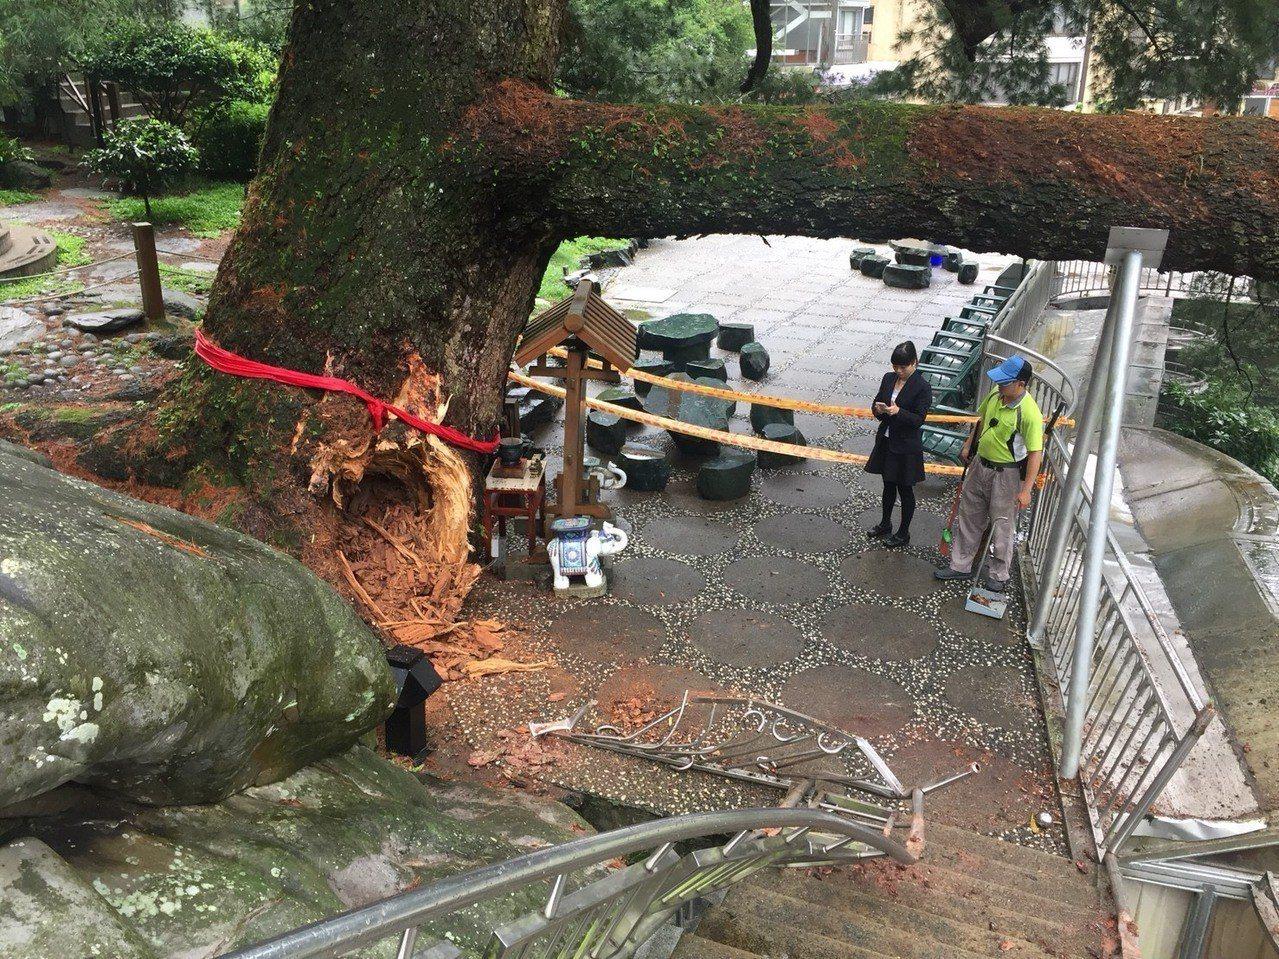 谷關千年五葉松在風雨過後副樹幹斷裂,當地居民著急。圖/冉齡軒議員提供